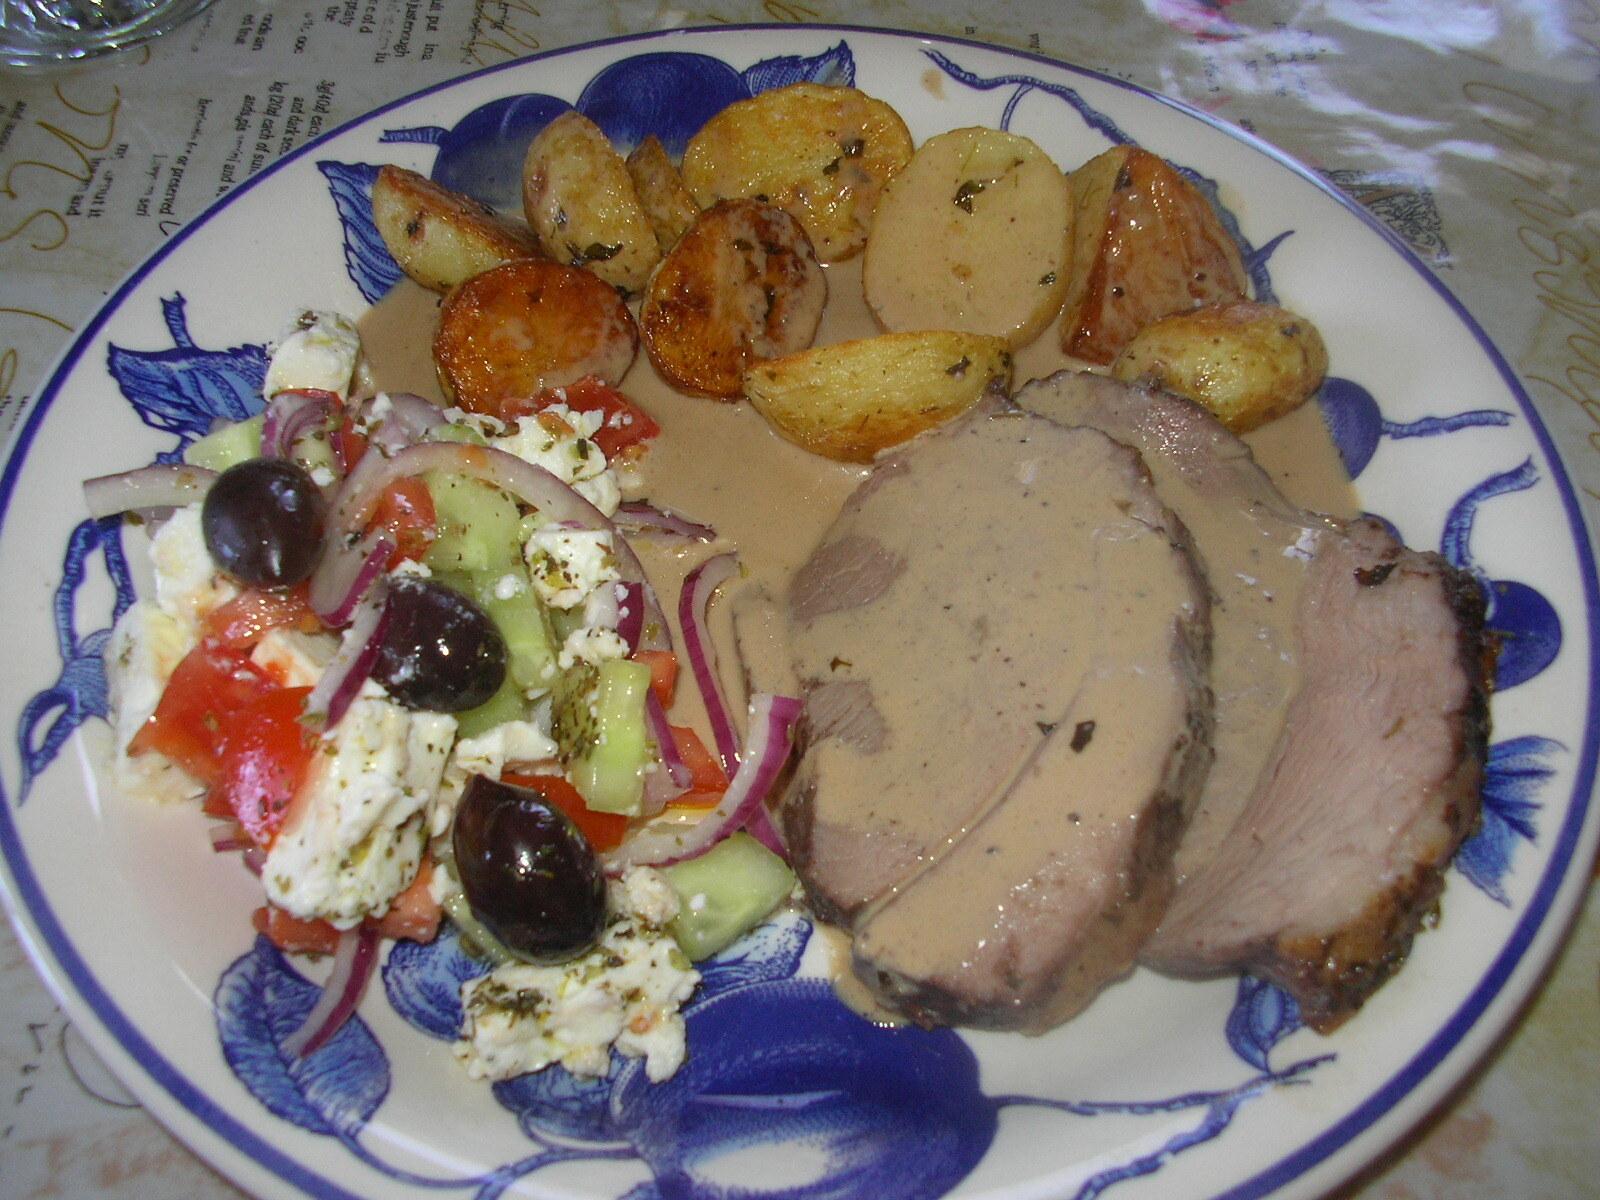 Lammstek provencale med rostad färskpotatis och gräddig sås